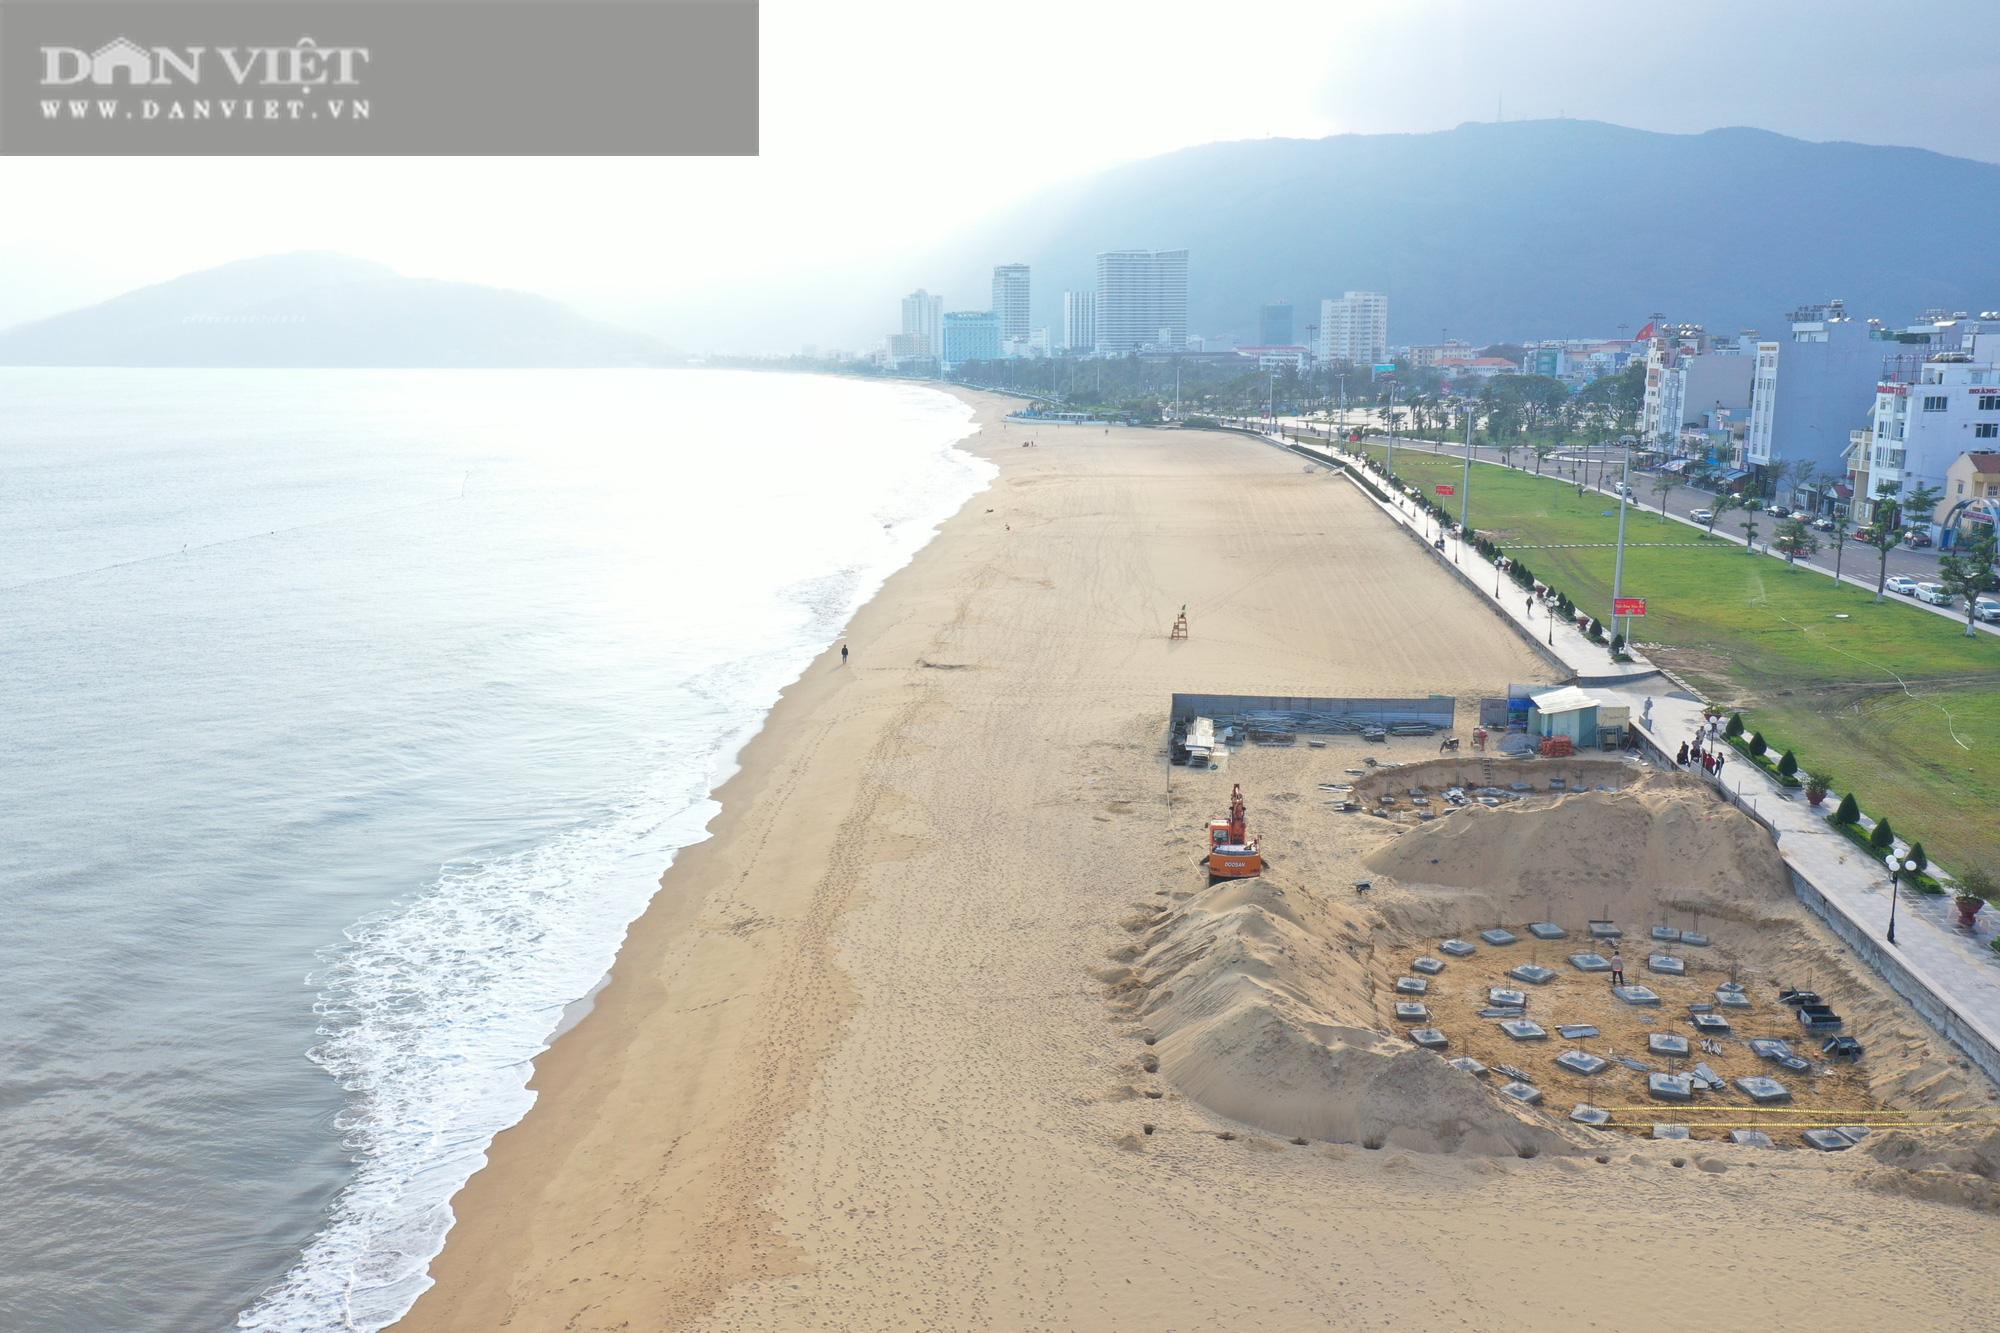 Cận cảnh cẩu 65 móng trụ bê tông không phép rời khỏi bãi biển Quy Nhơn - Ảnh 1.